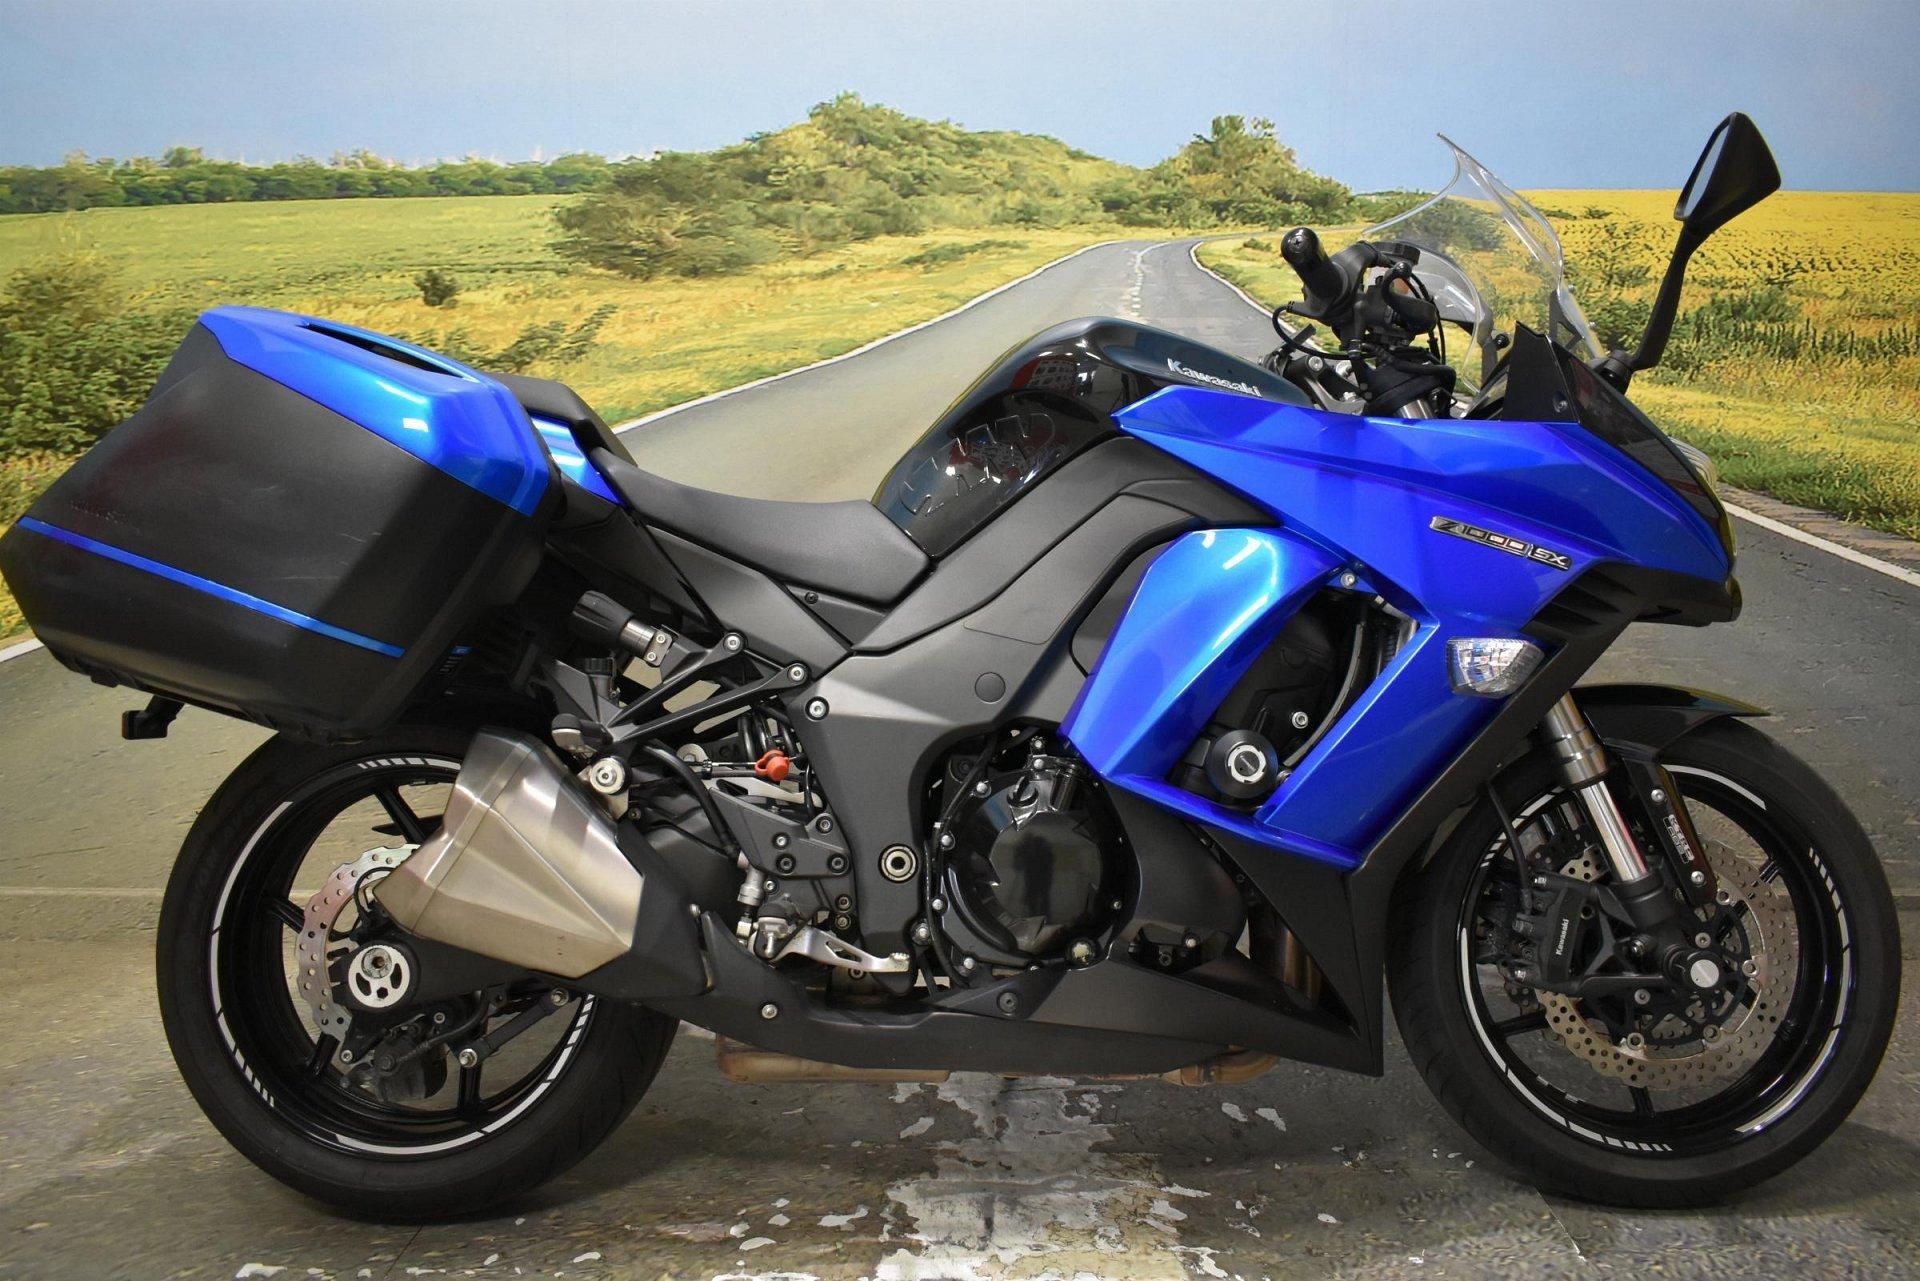 2016 Kawasaki Z1000SX for sale in Derbyshire